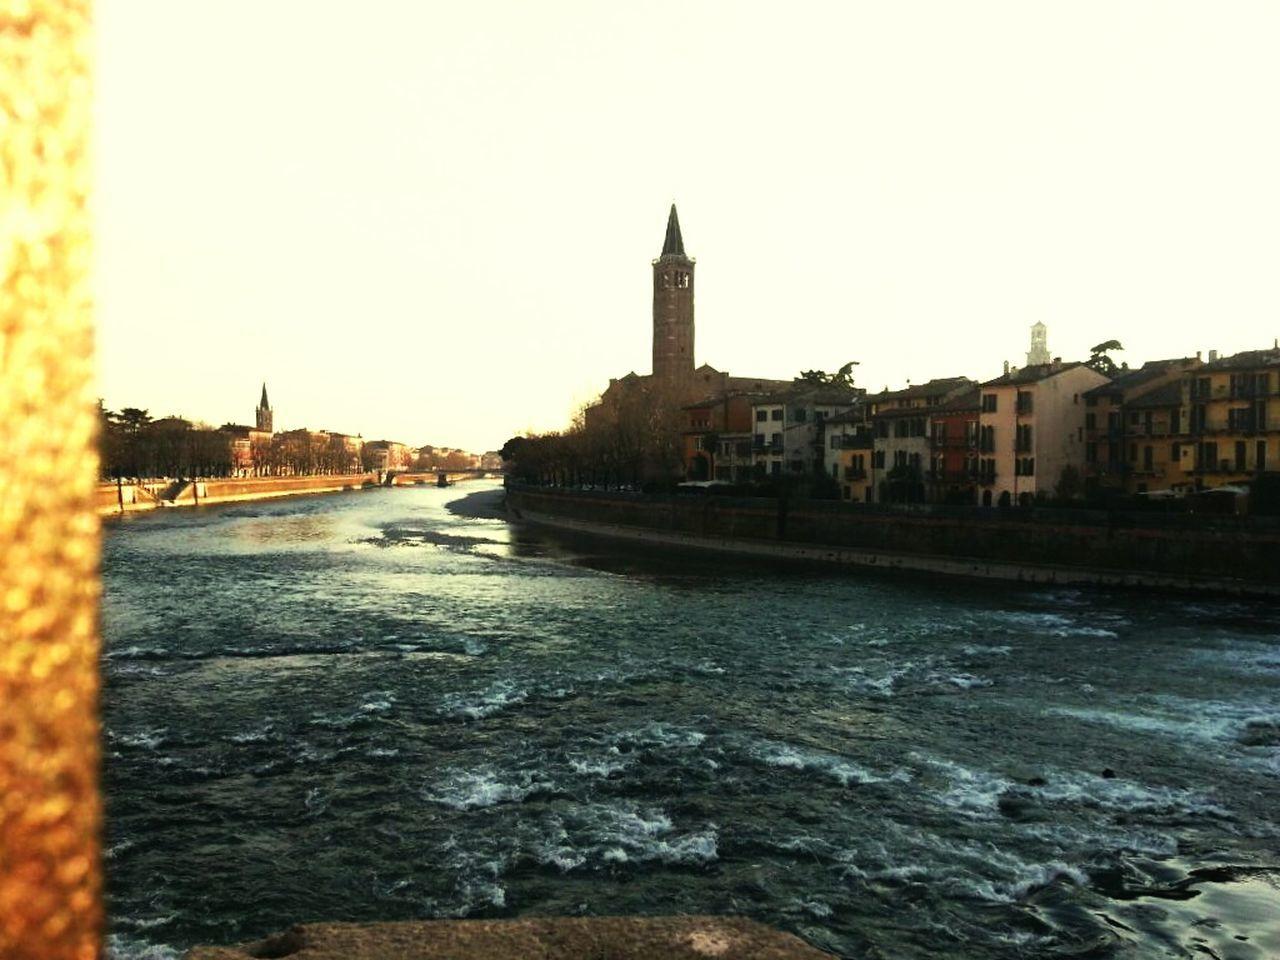 Verona, Italy Verona Italy Romeoandjuliet Lovecity  EyeEm Best Shots Samsungphotography